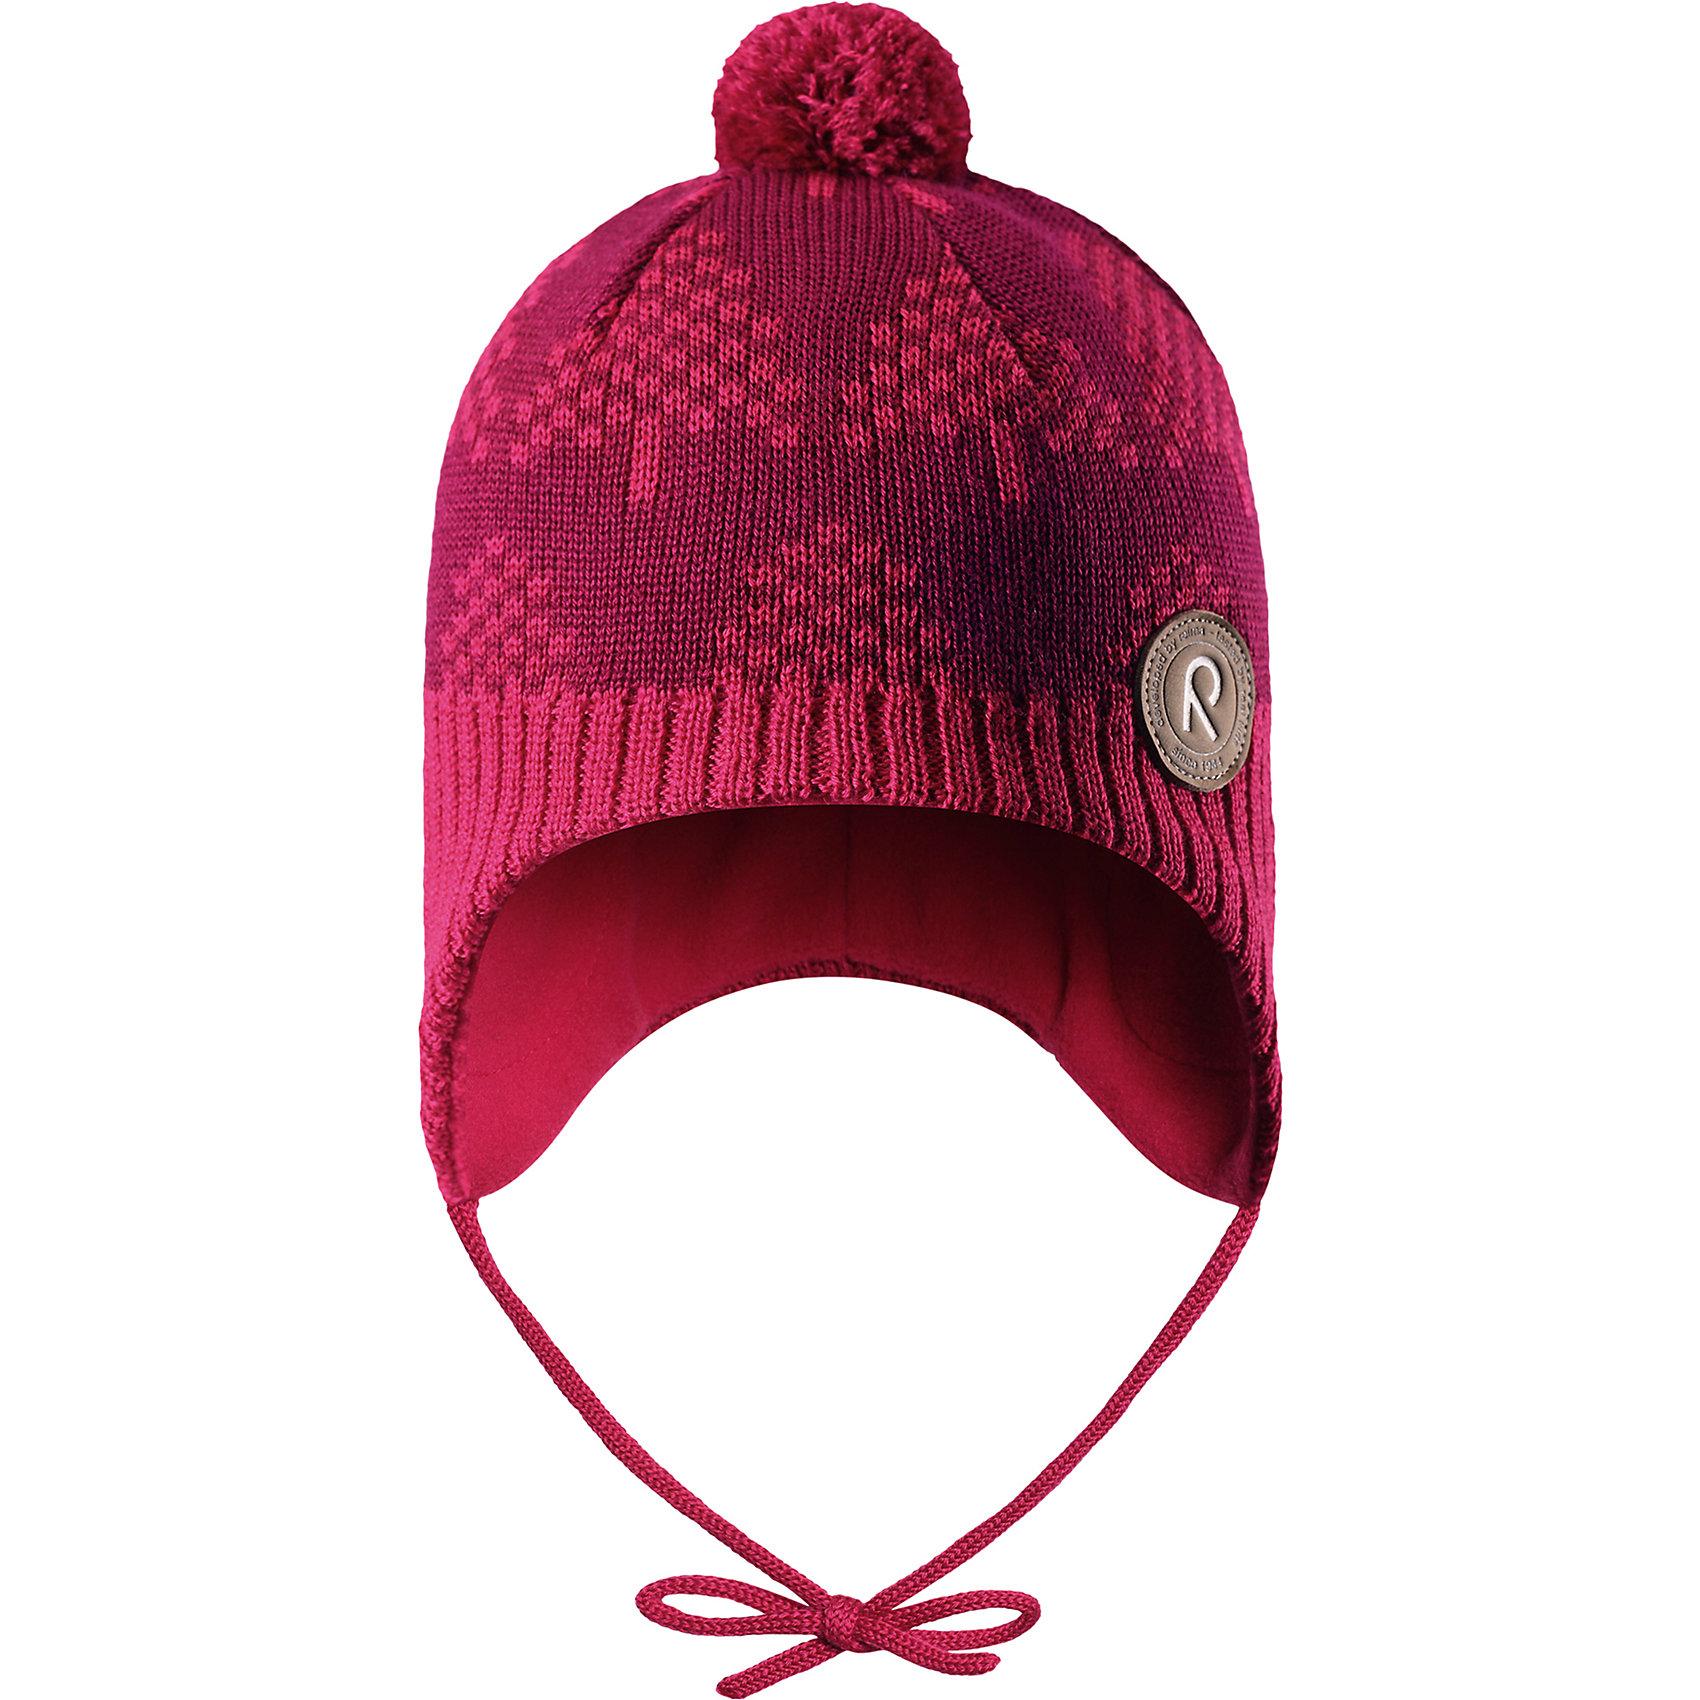 Шапка Reima Yll?sГоловные уборы<br>Характеристики товара:<br><br>• цвет: розовый;<br>• состав: 50% шерсть, 50% полиакрил;<br>• подкладка: 100% полиэстер, флис;<br>• температурный режим: от 0 до -20С;<br>• сезон: зима; <br>• особенности модели: вязаная, шерстяная;<br>• шерсть идеально поддерживает температуру;<br>• ветронепроницаемые вставки в области ушей;<br>• сплошная подкладка: мягкий теплый флис;<br>• шапка на завязках, сверху помпон;<br>• логотип Reima спереди;<br>• страна бренда: Финляндия;<br>• страна изготовитель: Китай.<br><br>Шерстяная шапка для малышей с чудесным рисунком надежно согреет в холодный зимний день! Эта шапка для малышей из мериносовой шерсти подарит уют в морозную погоду: мягкая флисовая подкладка обеспечит ребенку тепло и комфорт. За счет эластичной вязки шапка отлично сидит, а ветронепроницаемые вставки в области ушей защищают ушки от холодного ветра. Благодаря завязкам, эта стильная шапка не съезжает и хорошо защищает голову. Маленький помпон на макушке довершает образ.<br><br>Шапку Yll?s Reima от финского бренда Reima (Рейма) можно купить в нашем интернет-магазине.<br><br>Ширина мм: 89<br>Глубина мм: 117<br>Высота мм: 44<br>Вес г: 155<br>Цвет: розовый<br>Возраст от месяцев: 60<br>Возраст до месяцев: 72<br>Пол: Унисекс<br>Возраст: Детский<br>Размер: 52,46,48,50<br>SKU: 6907146